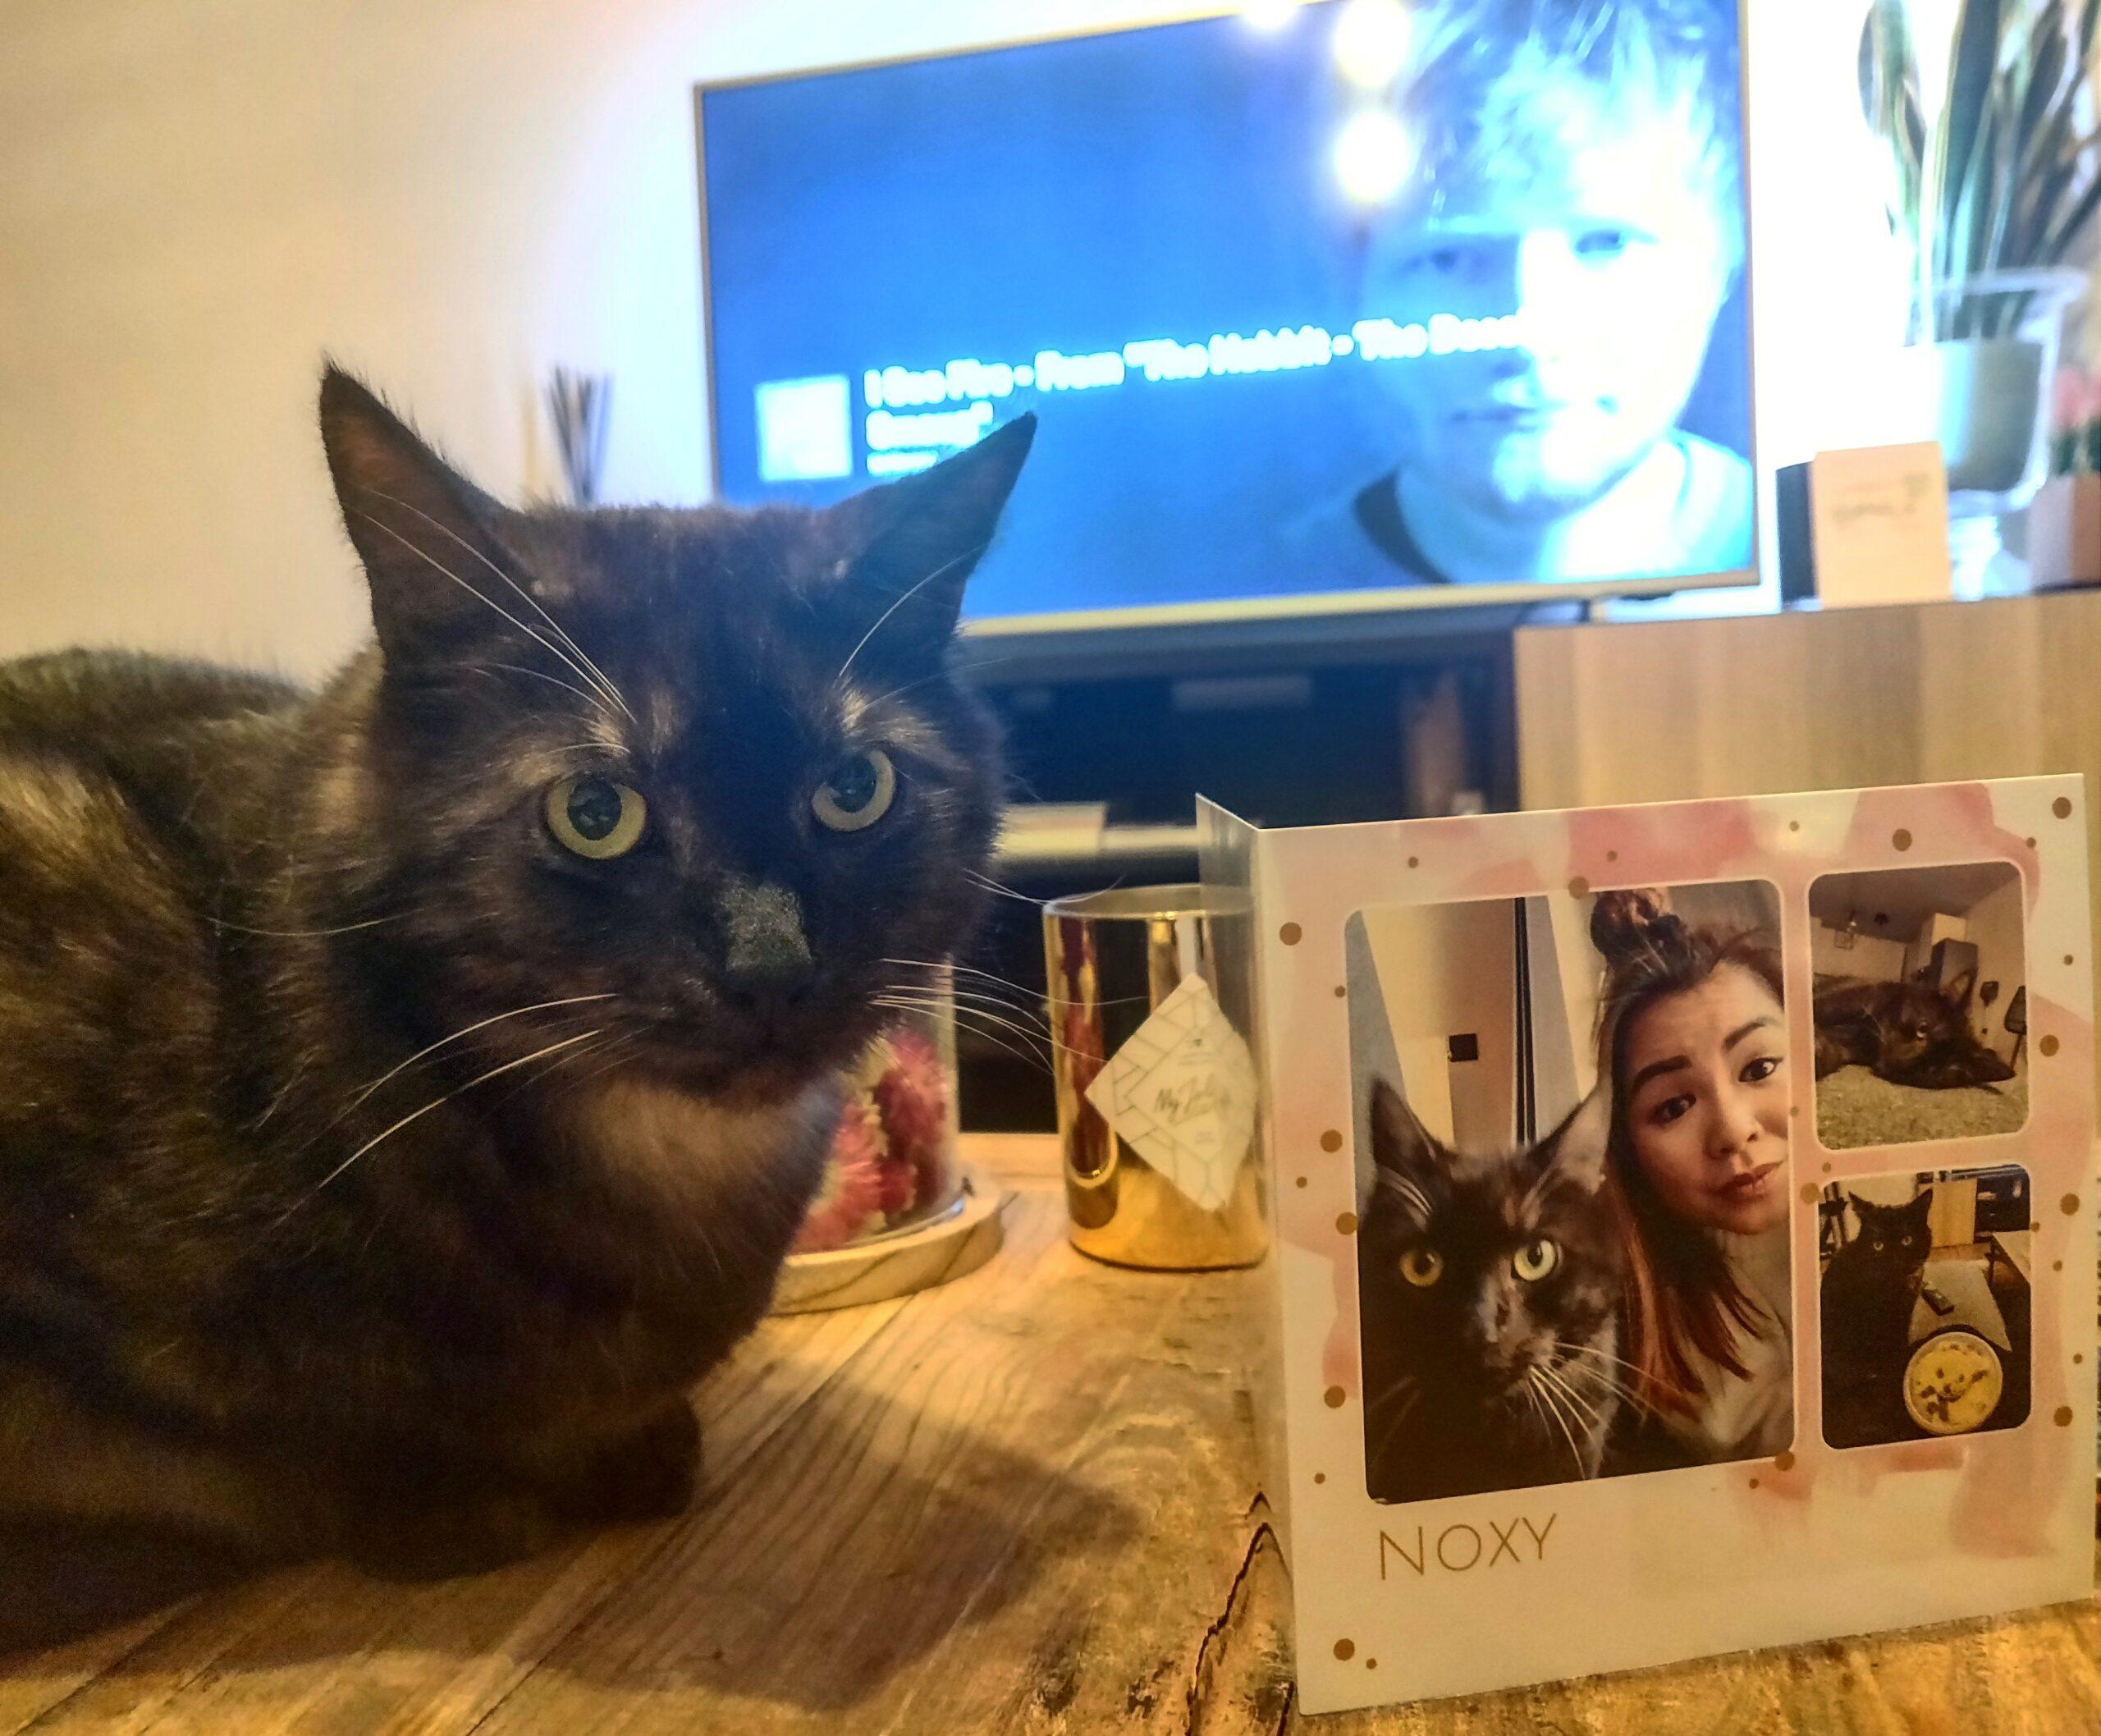 Noxy (Mary)